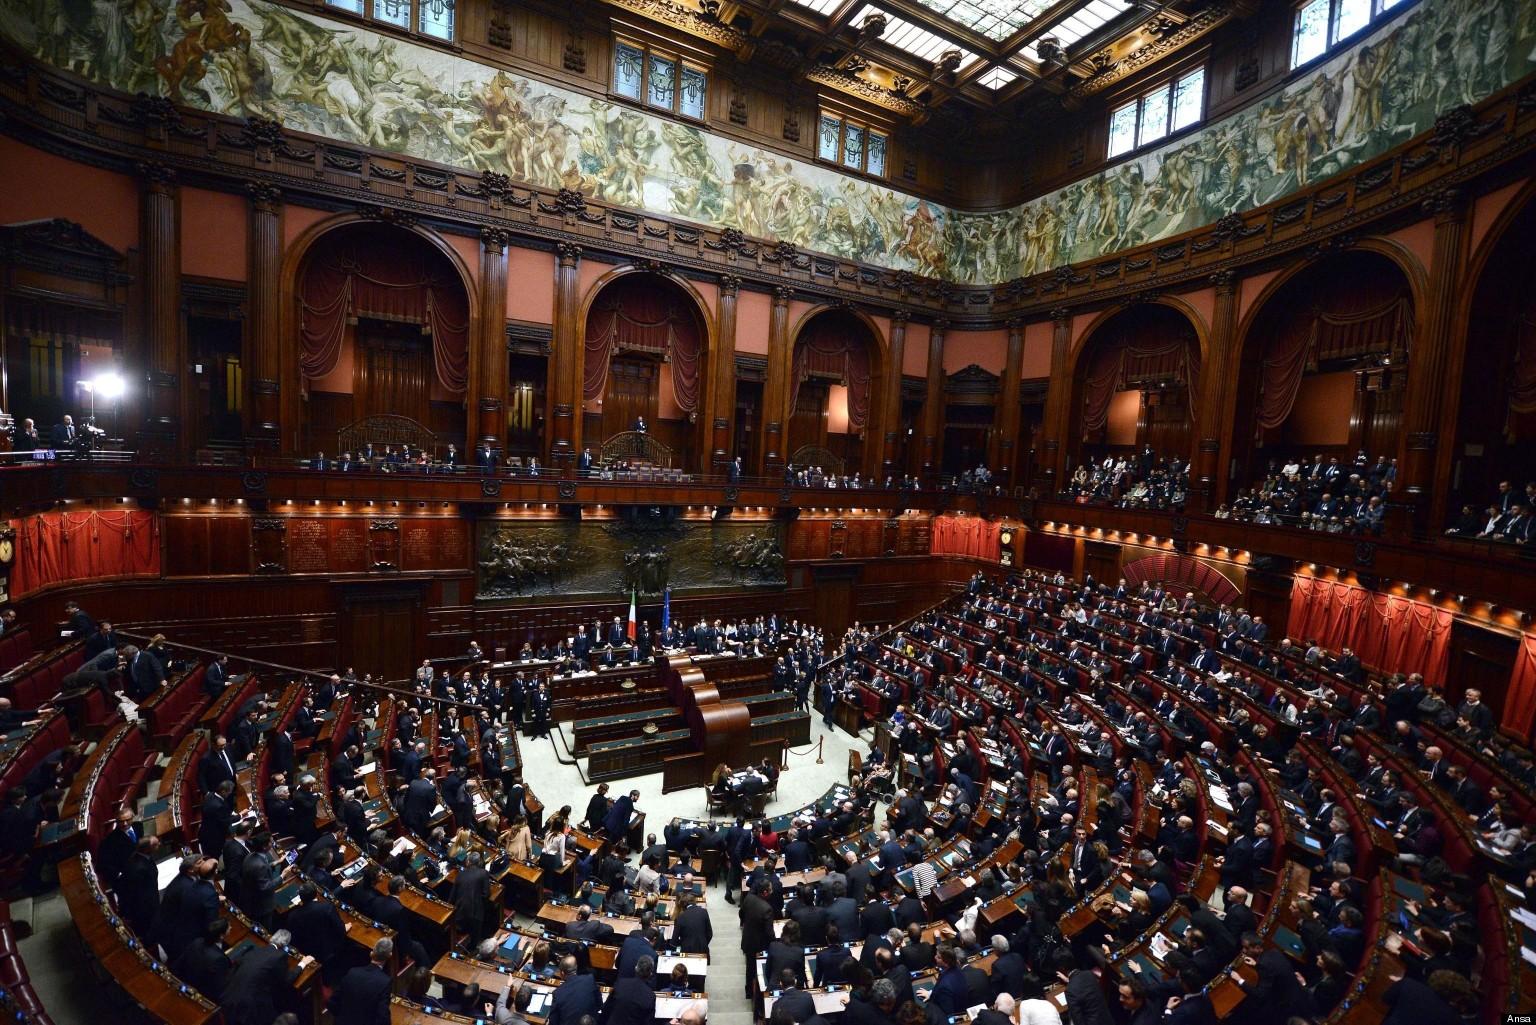 Presidenti camera e senato nessun accordo tra i partiti for Differenza tra camera e senato